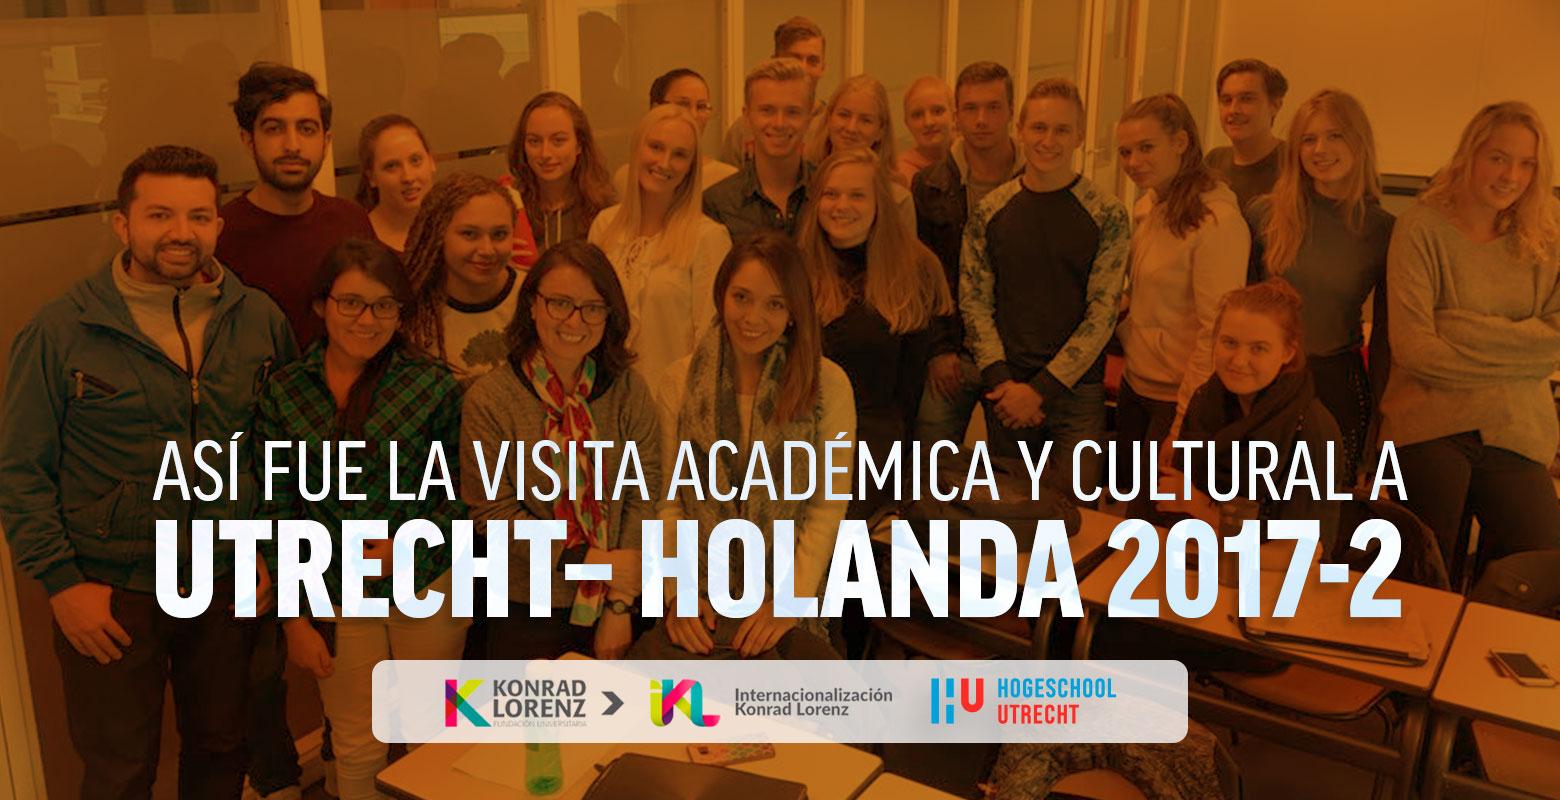 Así fue la visita académica y cultural a Utrecht – Holanda 2017-2